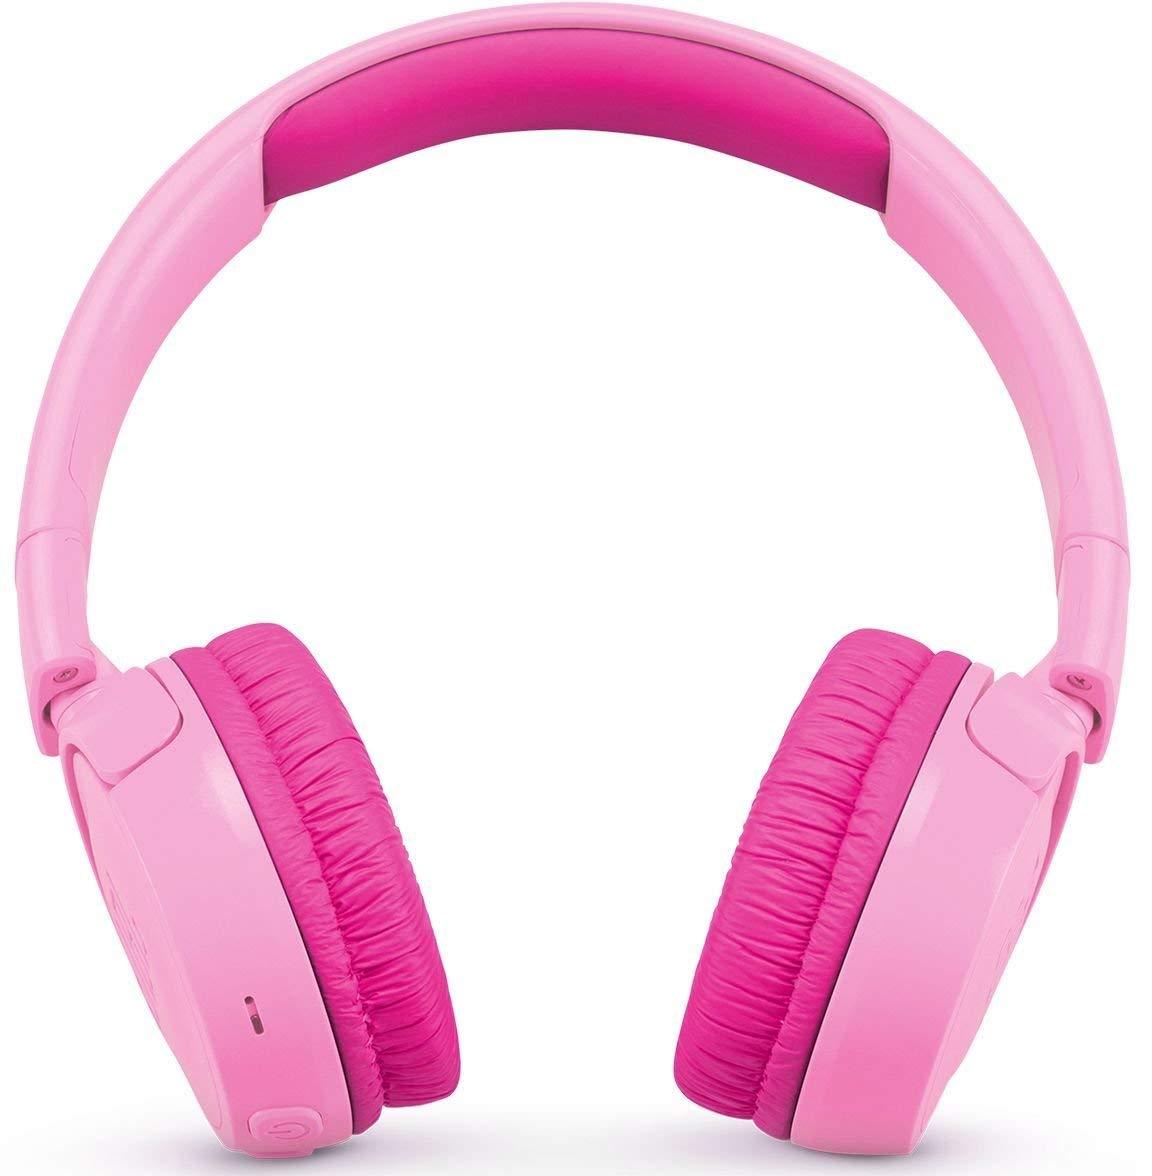 674397135c3 JBL JR300 Kids Wireless On-Ear Headphones: Amazon.in: Electronics